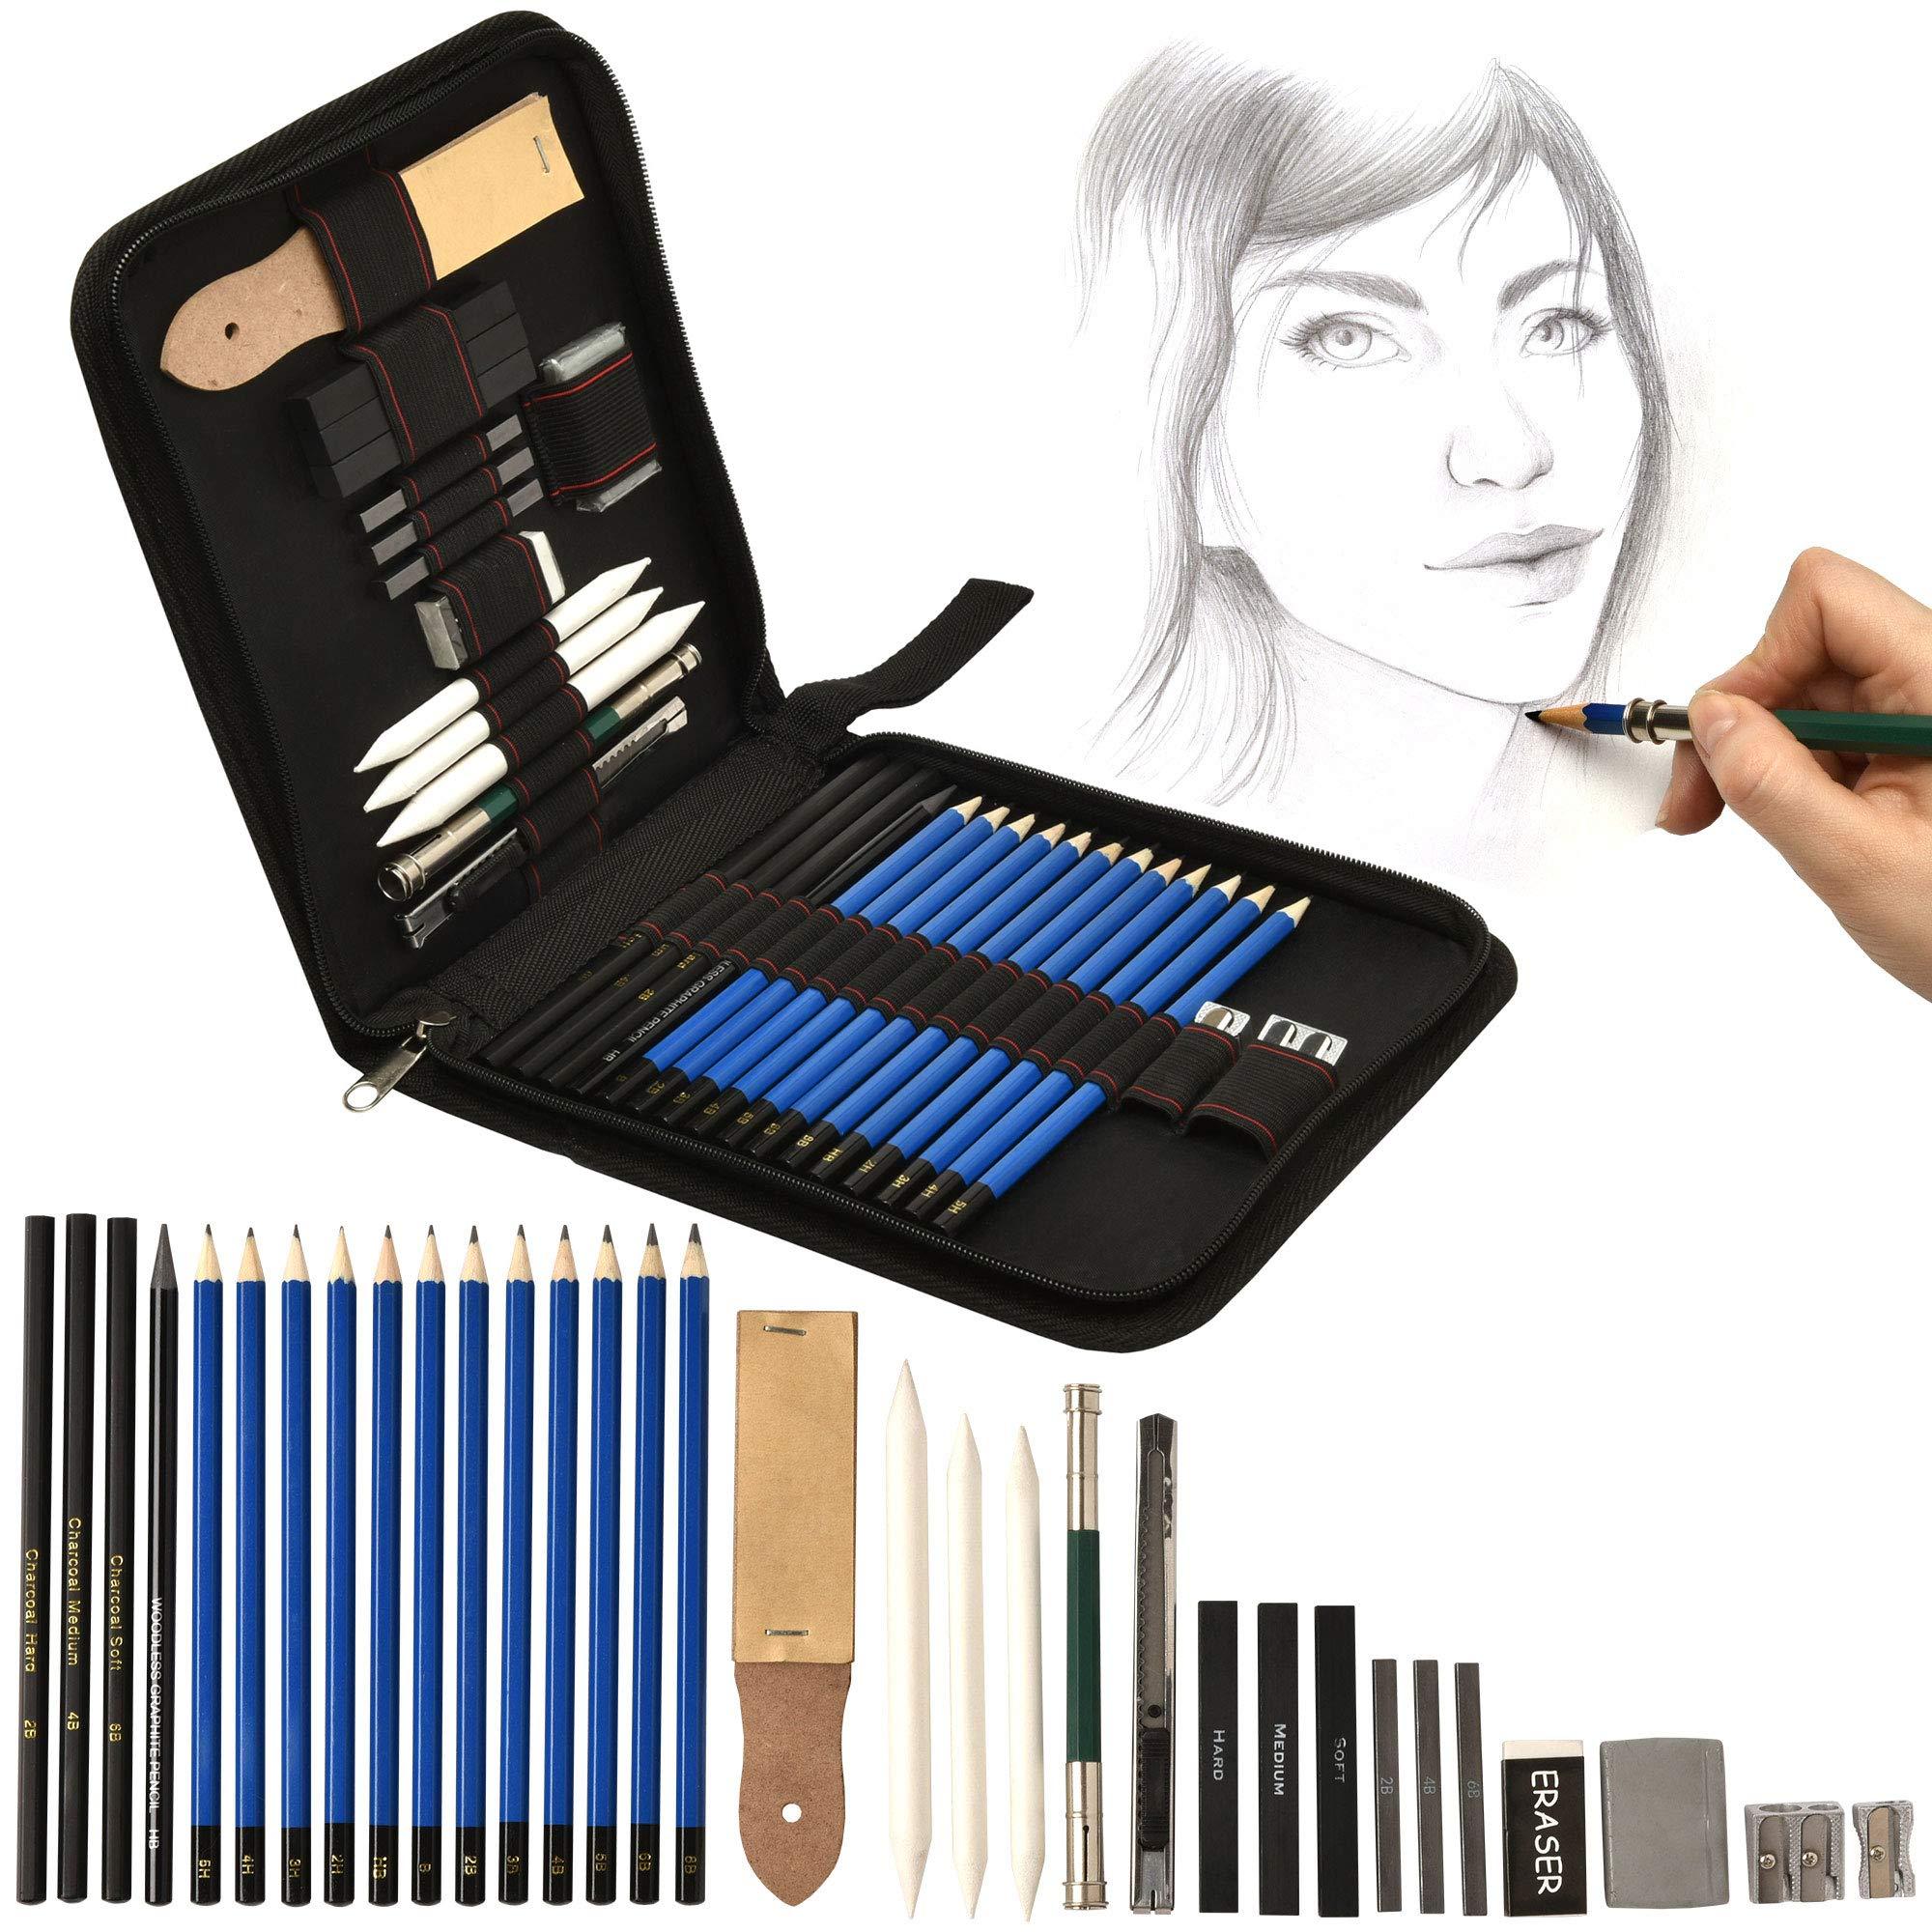 Artina Set de lápices de Dibujo Bari de 33 Piezas con Estuche - Set Diferentes lápices, carbón, Goma de borrar, sacapuntas etc.: Amazon.es: Hogar